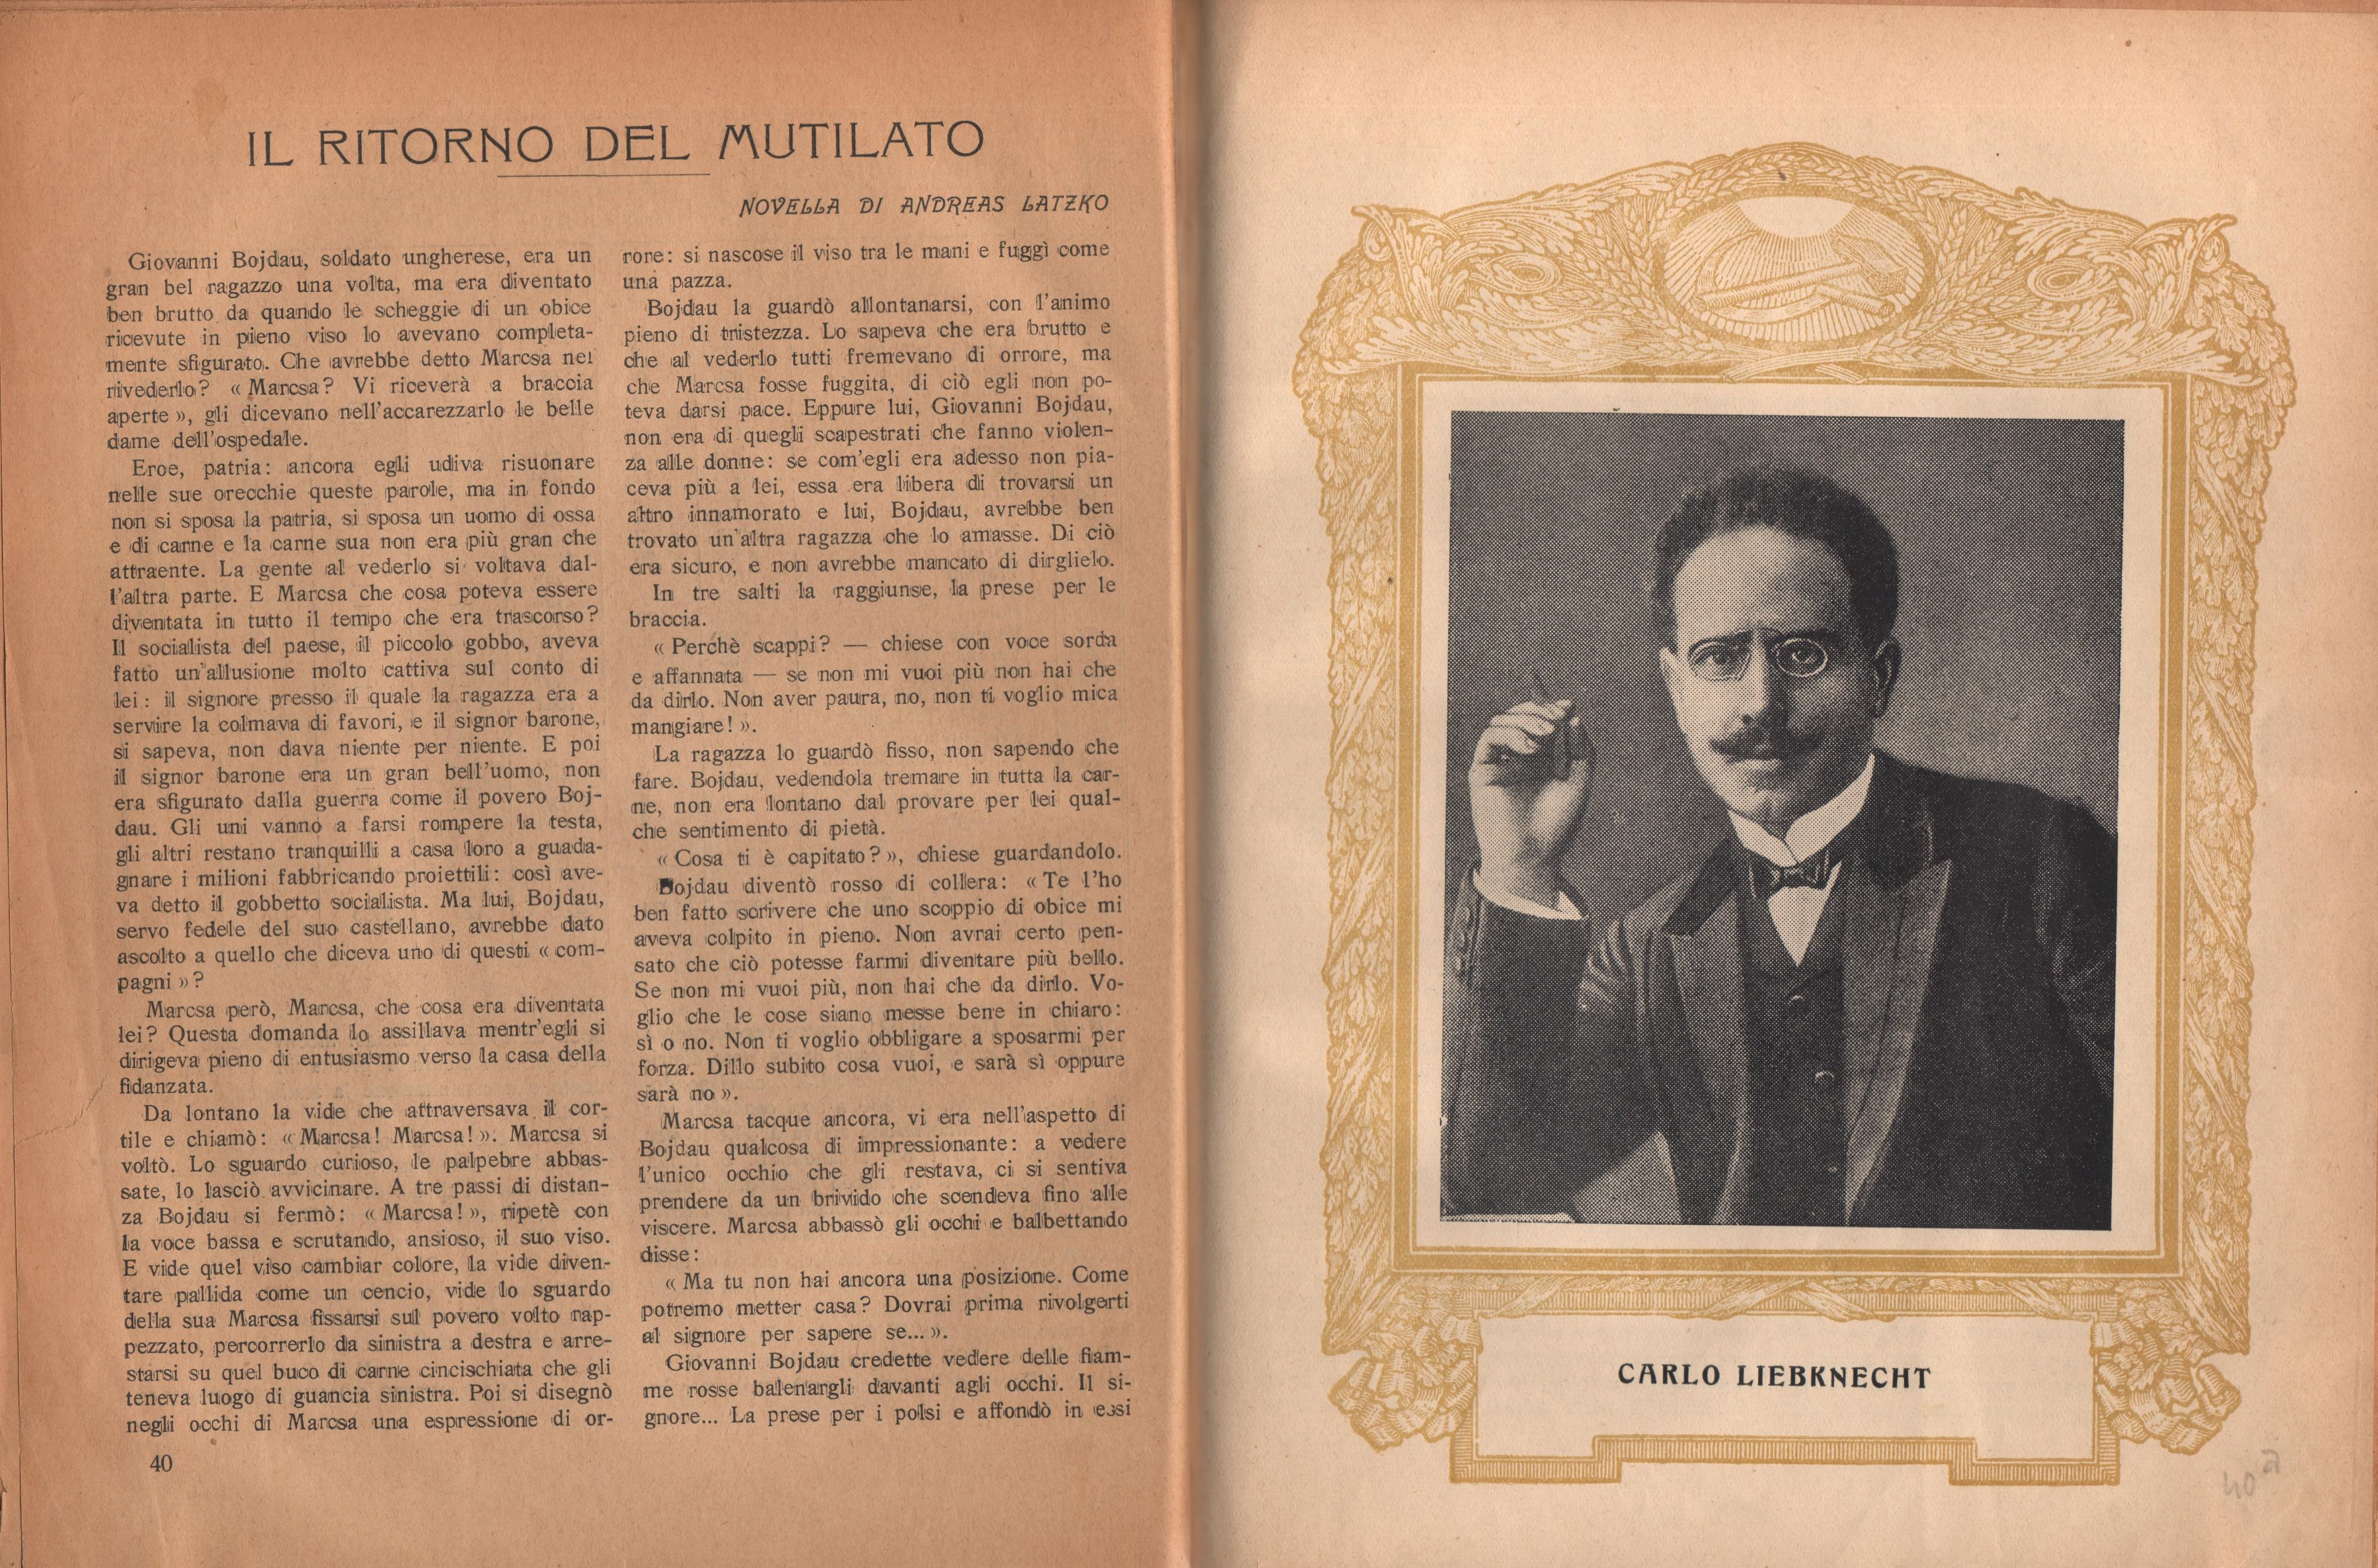 Almanacco comunista 1922 - pag. 24